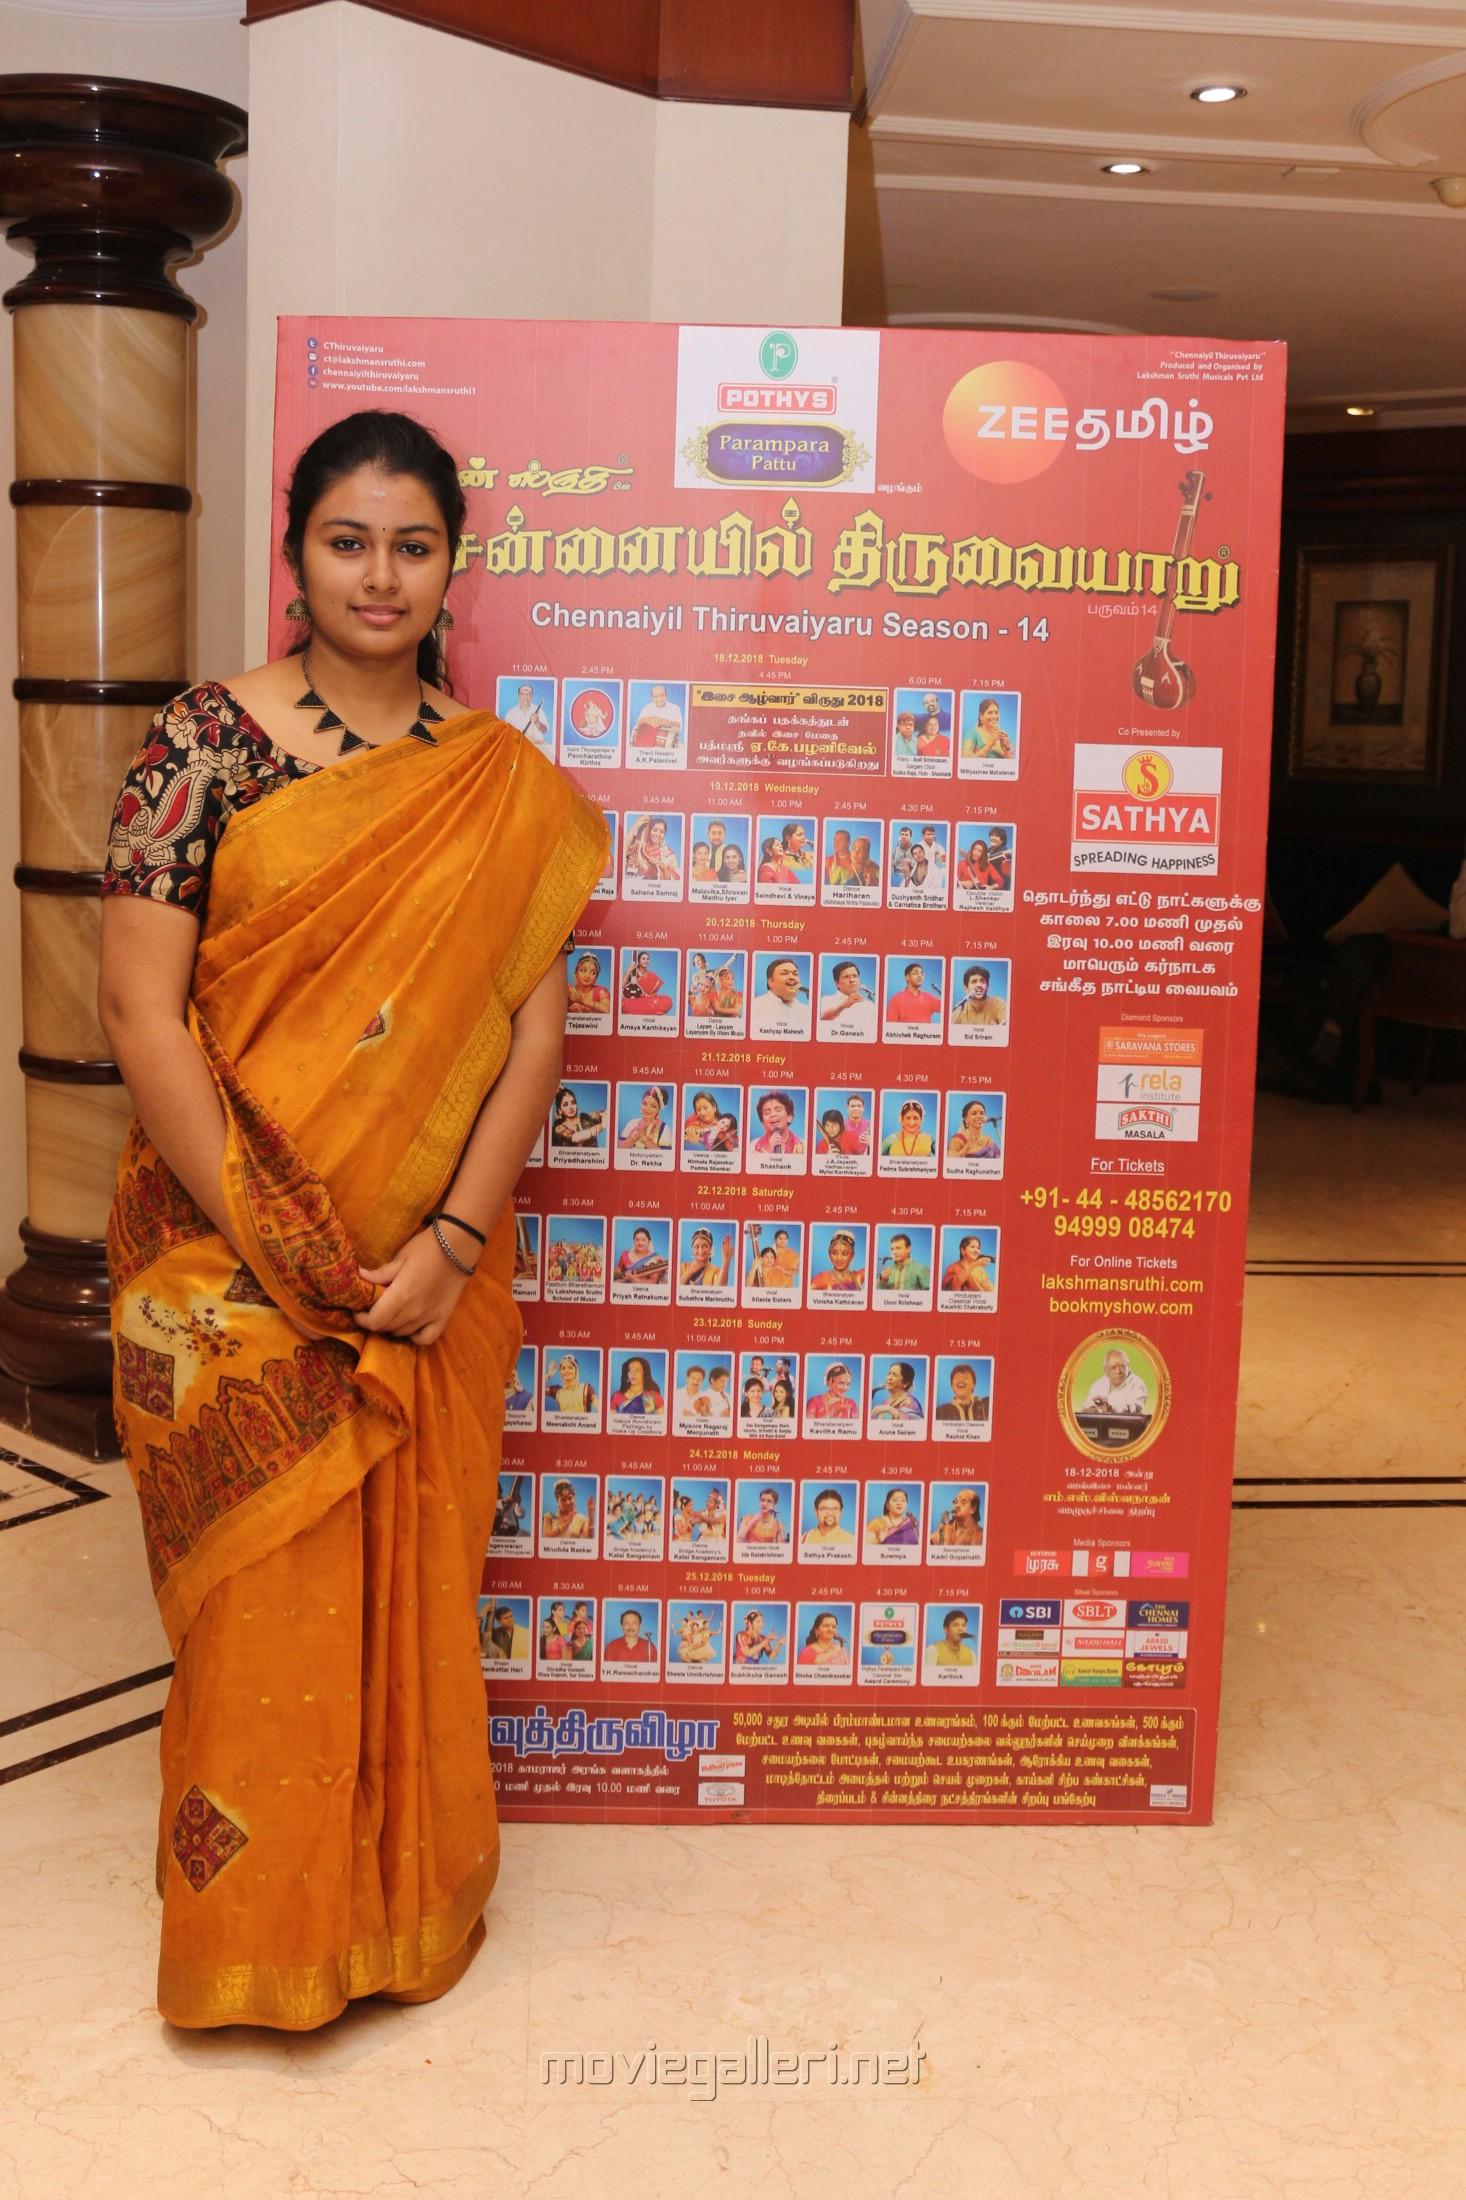 Singer Ameya Karthikeyan @ Chennaiyil Thiruvaiyaru 2018 Season 14 Press Meet Stills